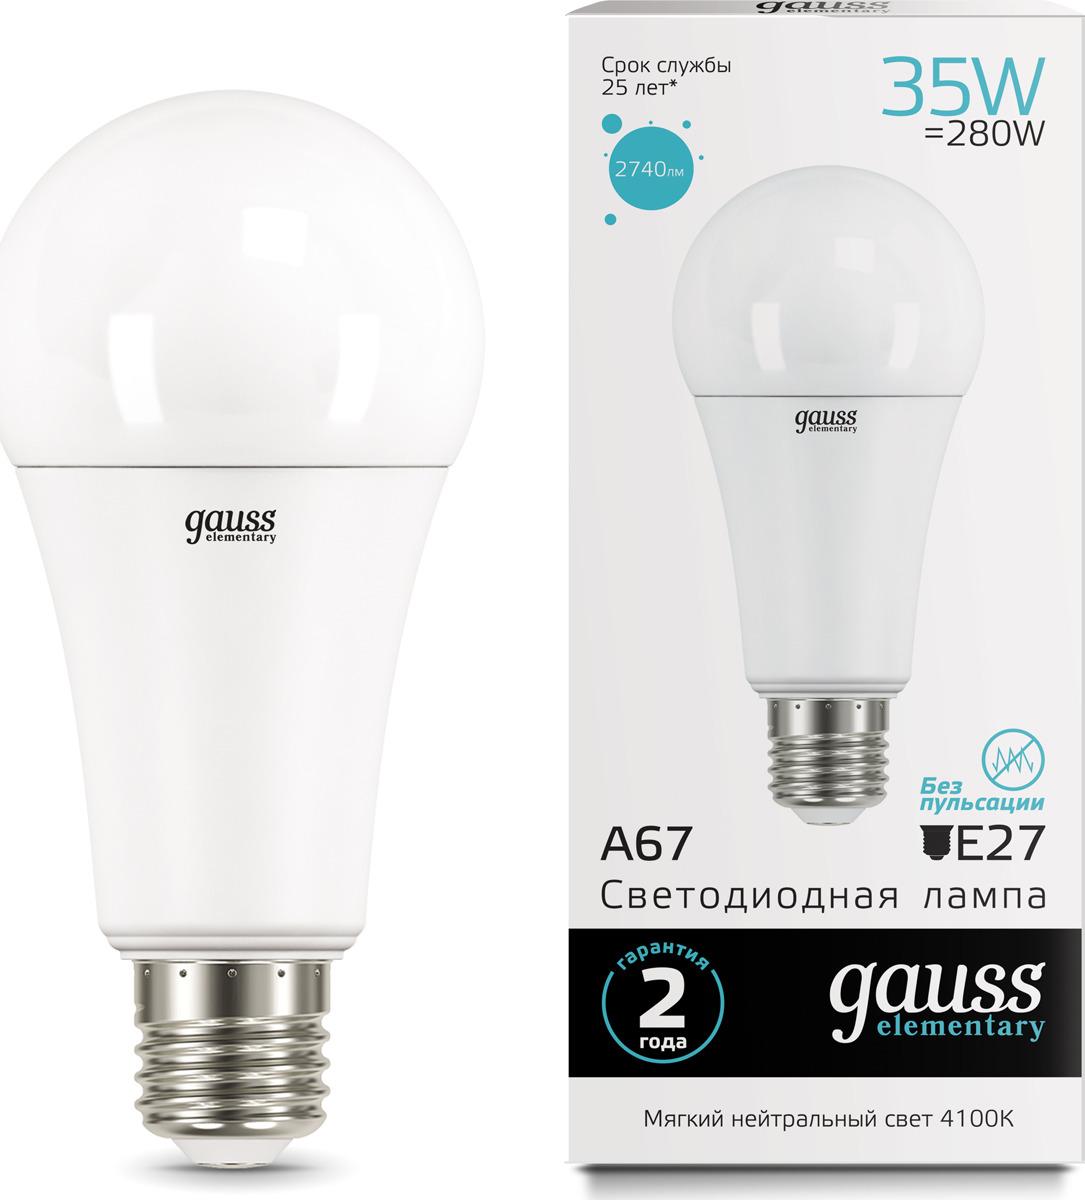 Лампочка Gauss Elementary LED, A67, E27, 35W. 70225